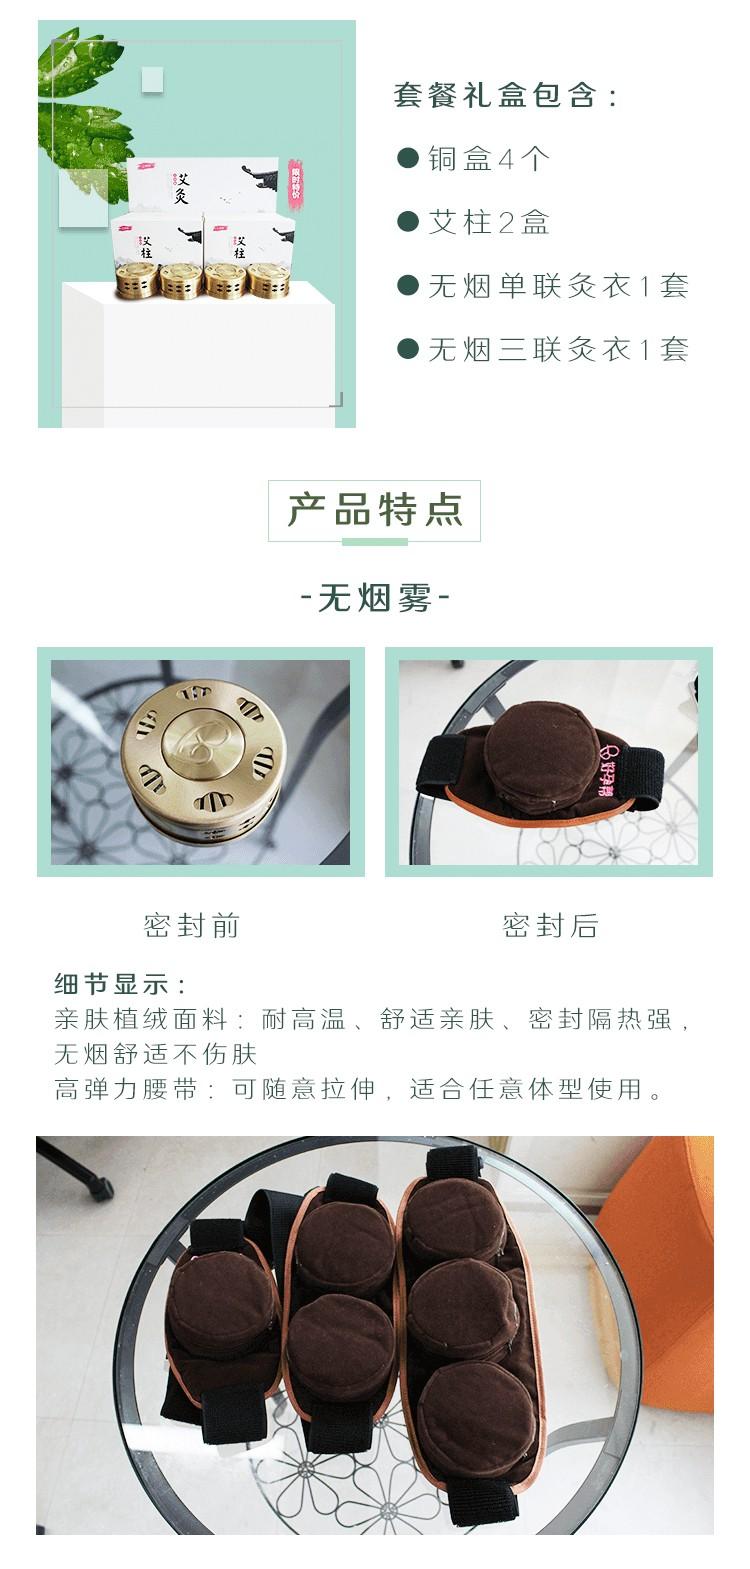 艾灸盒价格_报价_促销_图片_多少钱-苏宁易购手机版